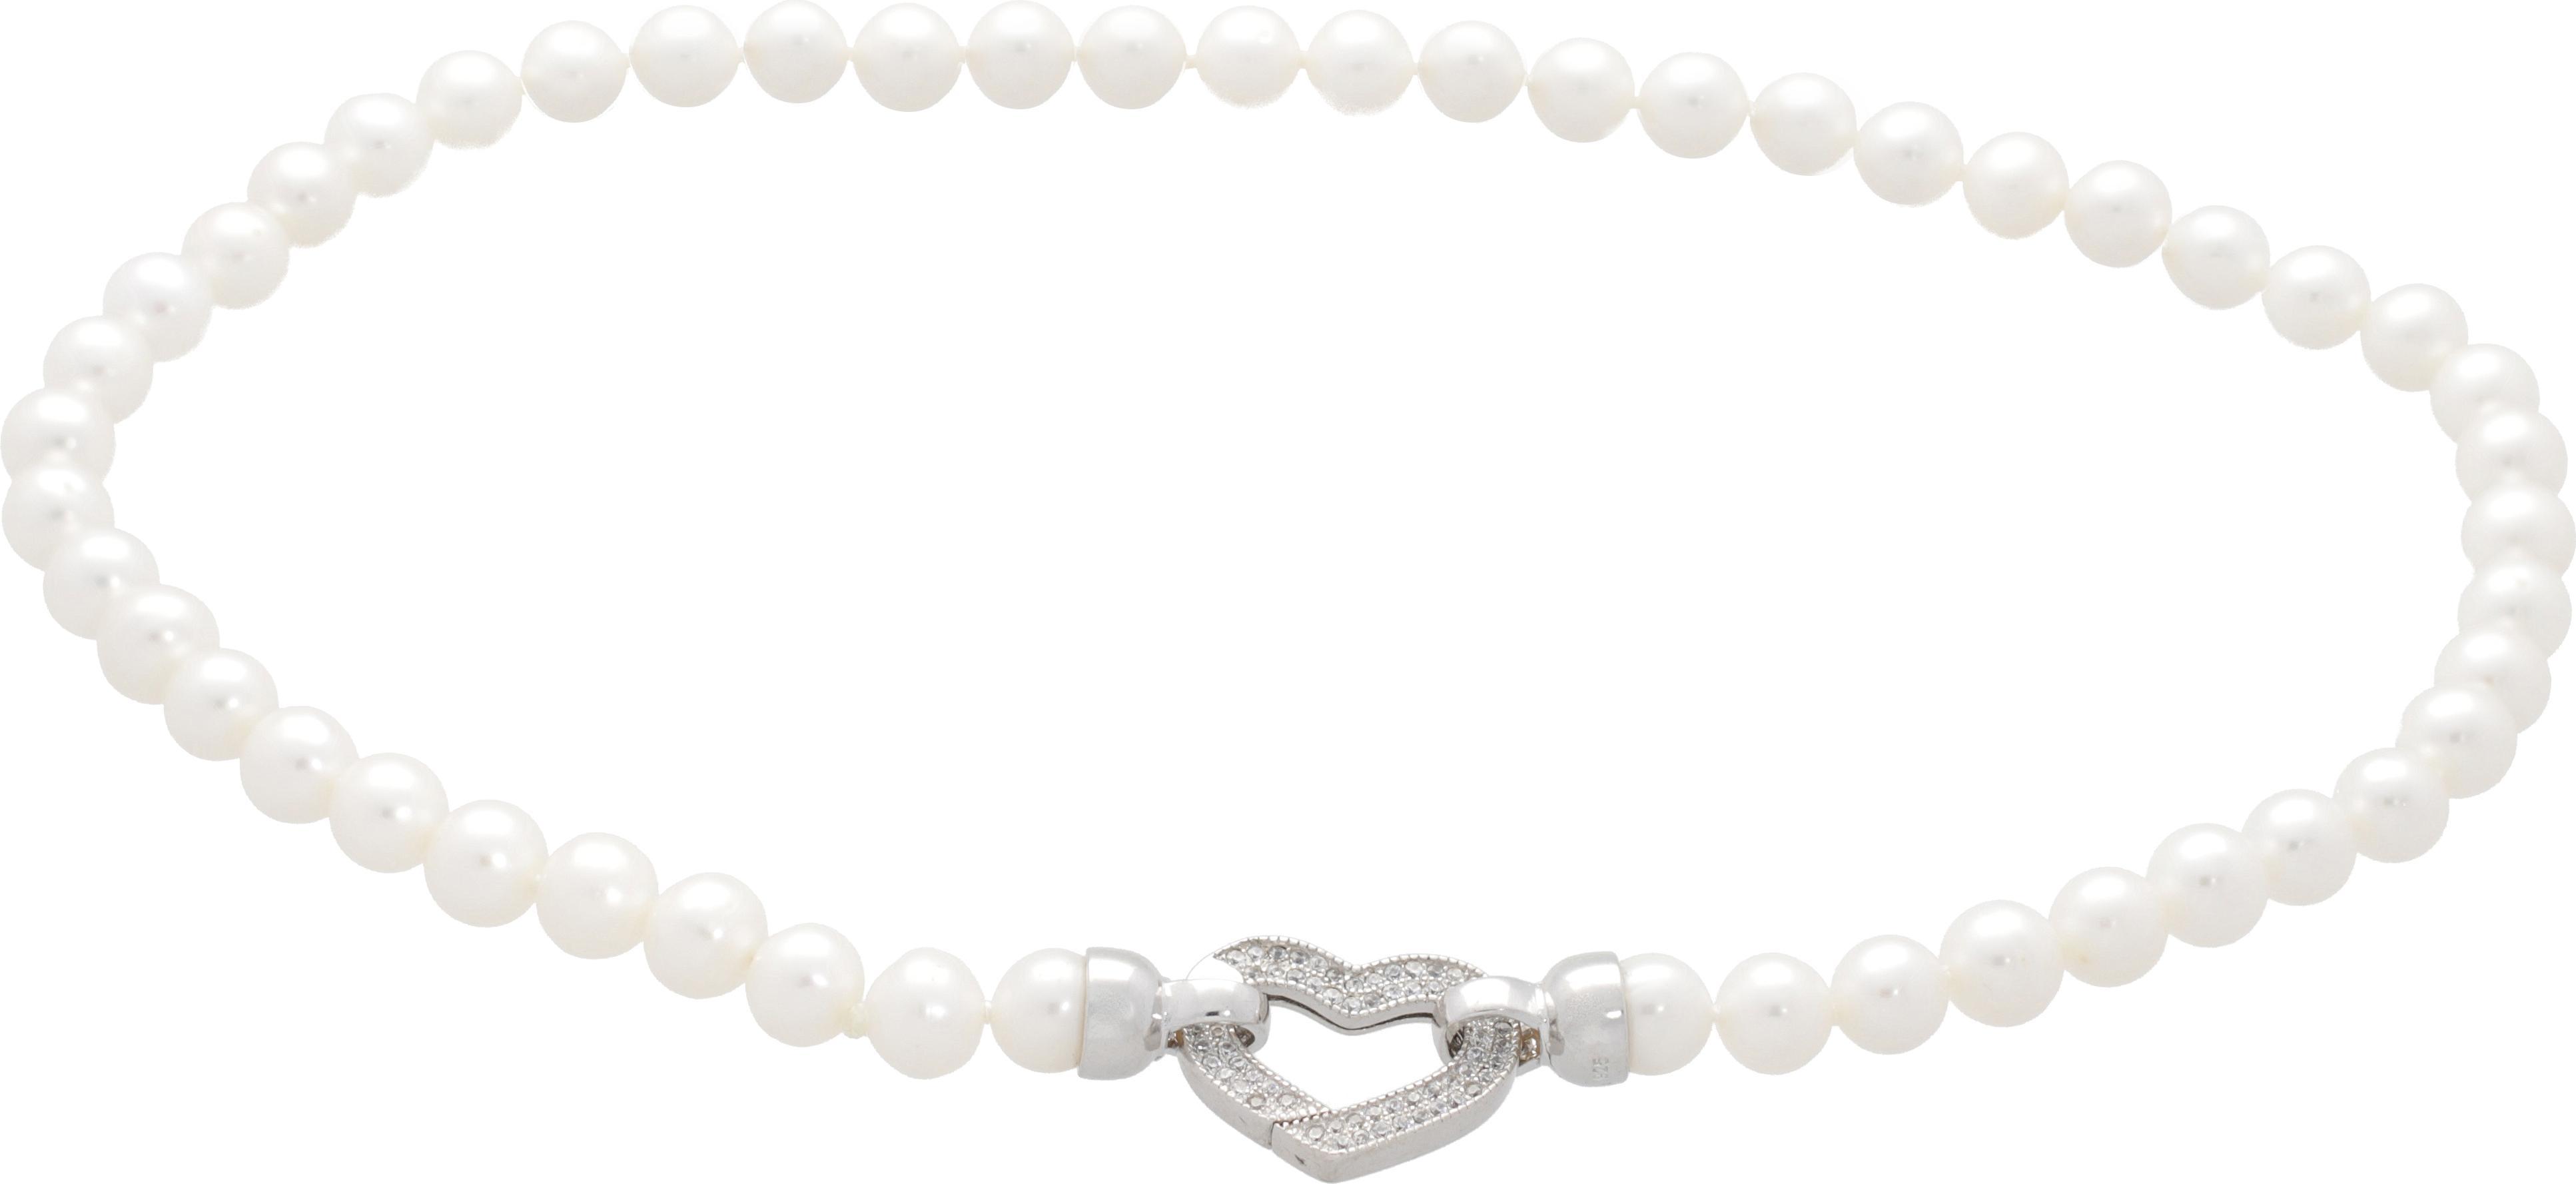 Moonpearls Carine - náhrdelník z pravých bílých říčních perel Délka náhrdelníku 41,5 cm, počet perel 52